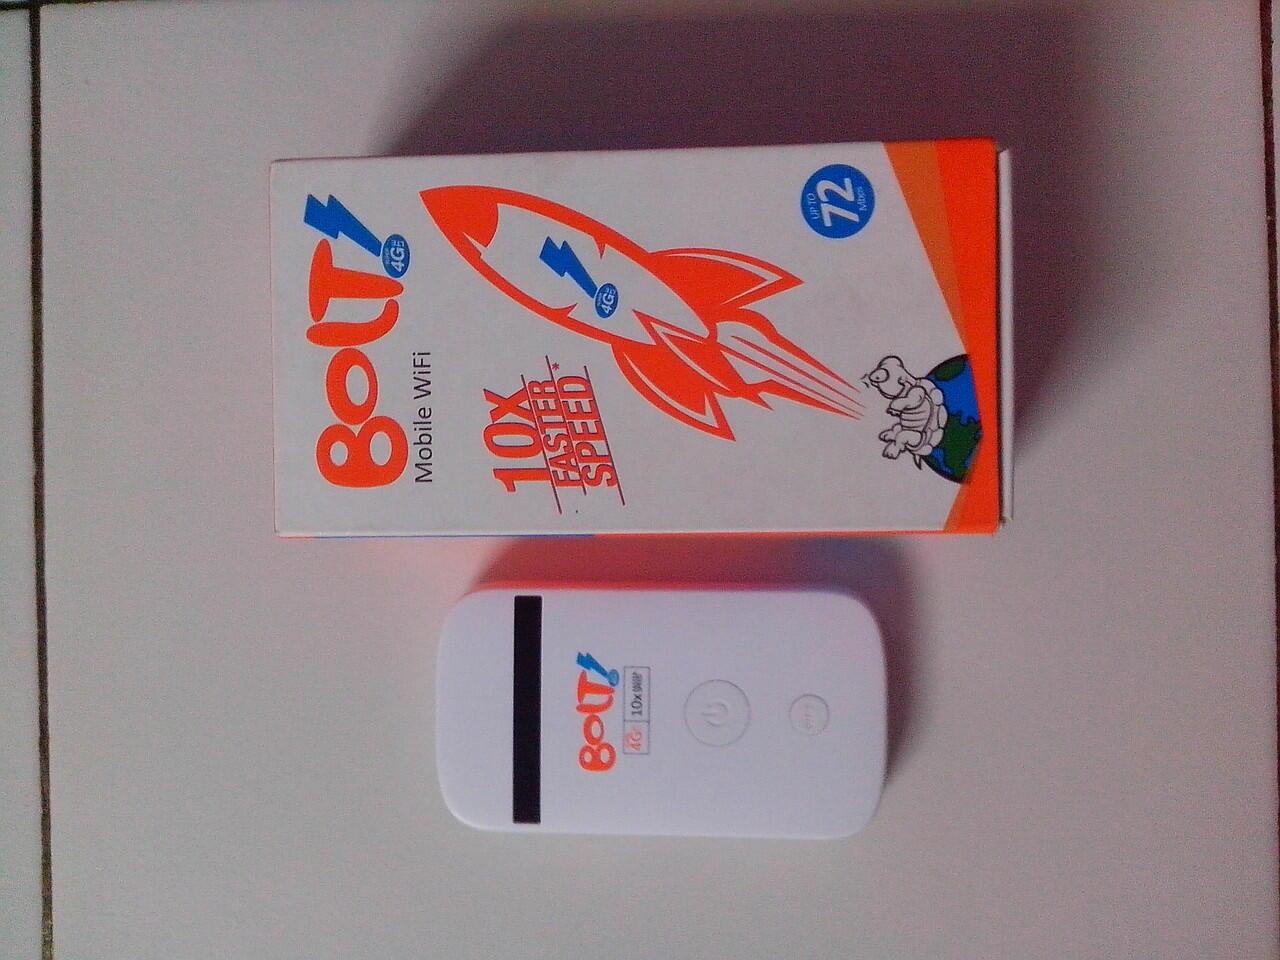 Jual Modem Bolt 4G